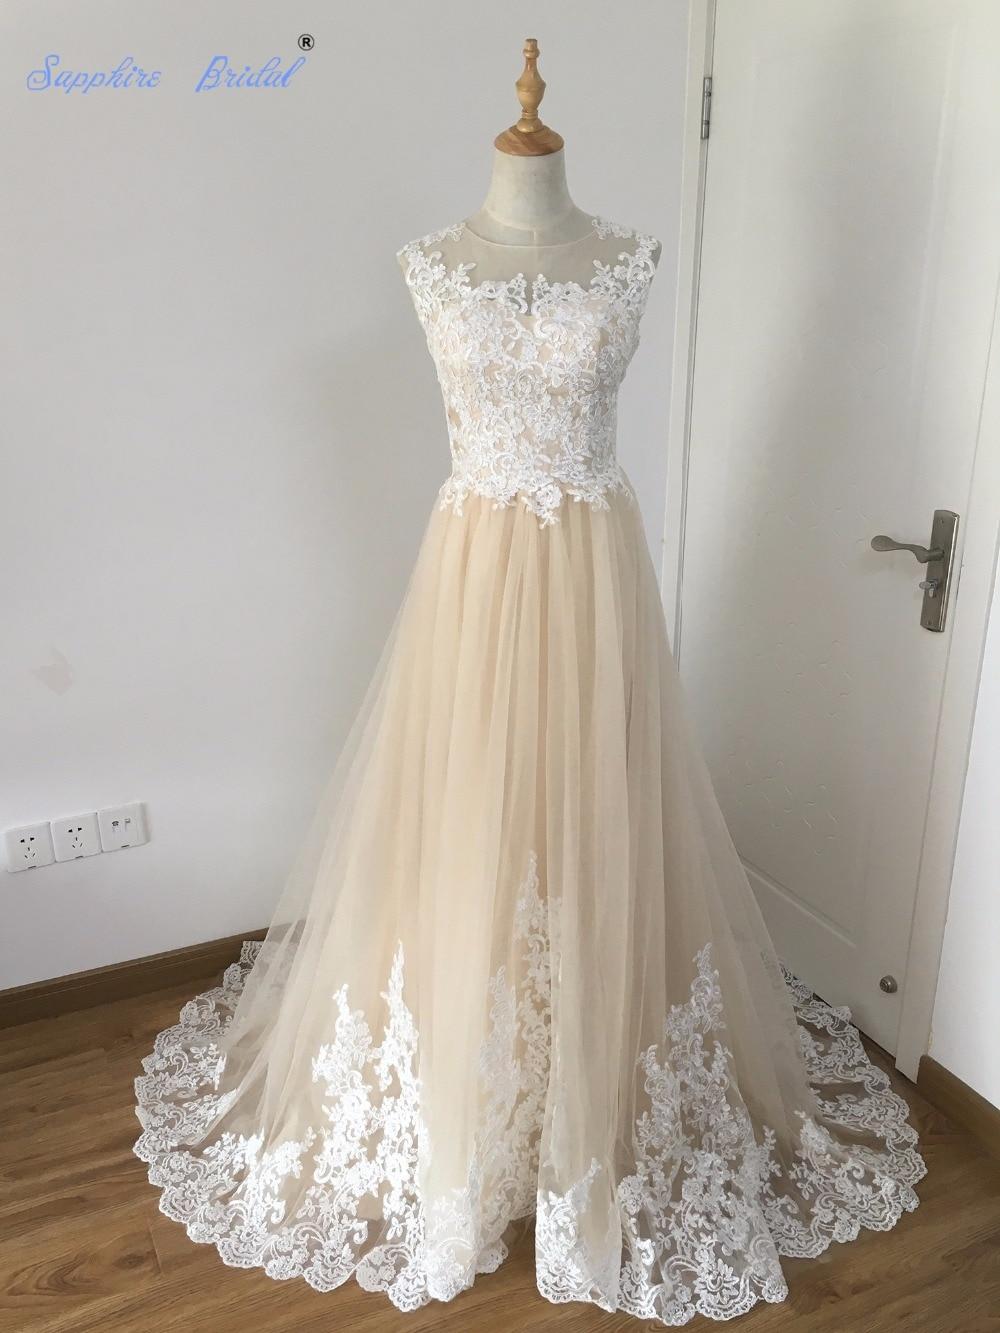 Sapphire Bridal 100% Real Photo Vestido De Noiva Champagne White ...